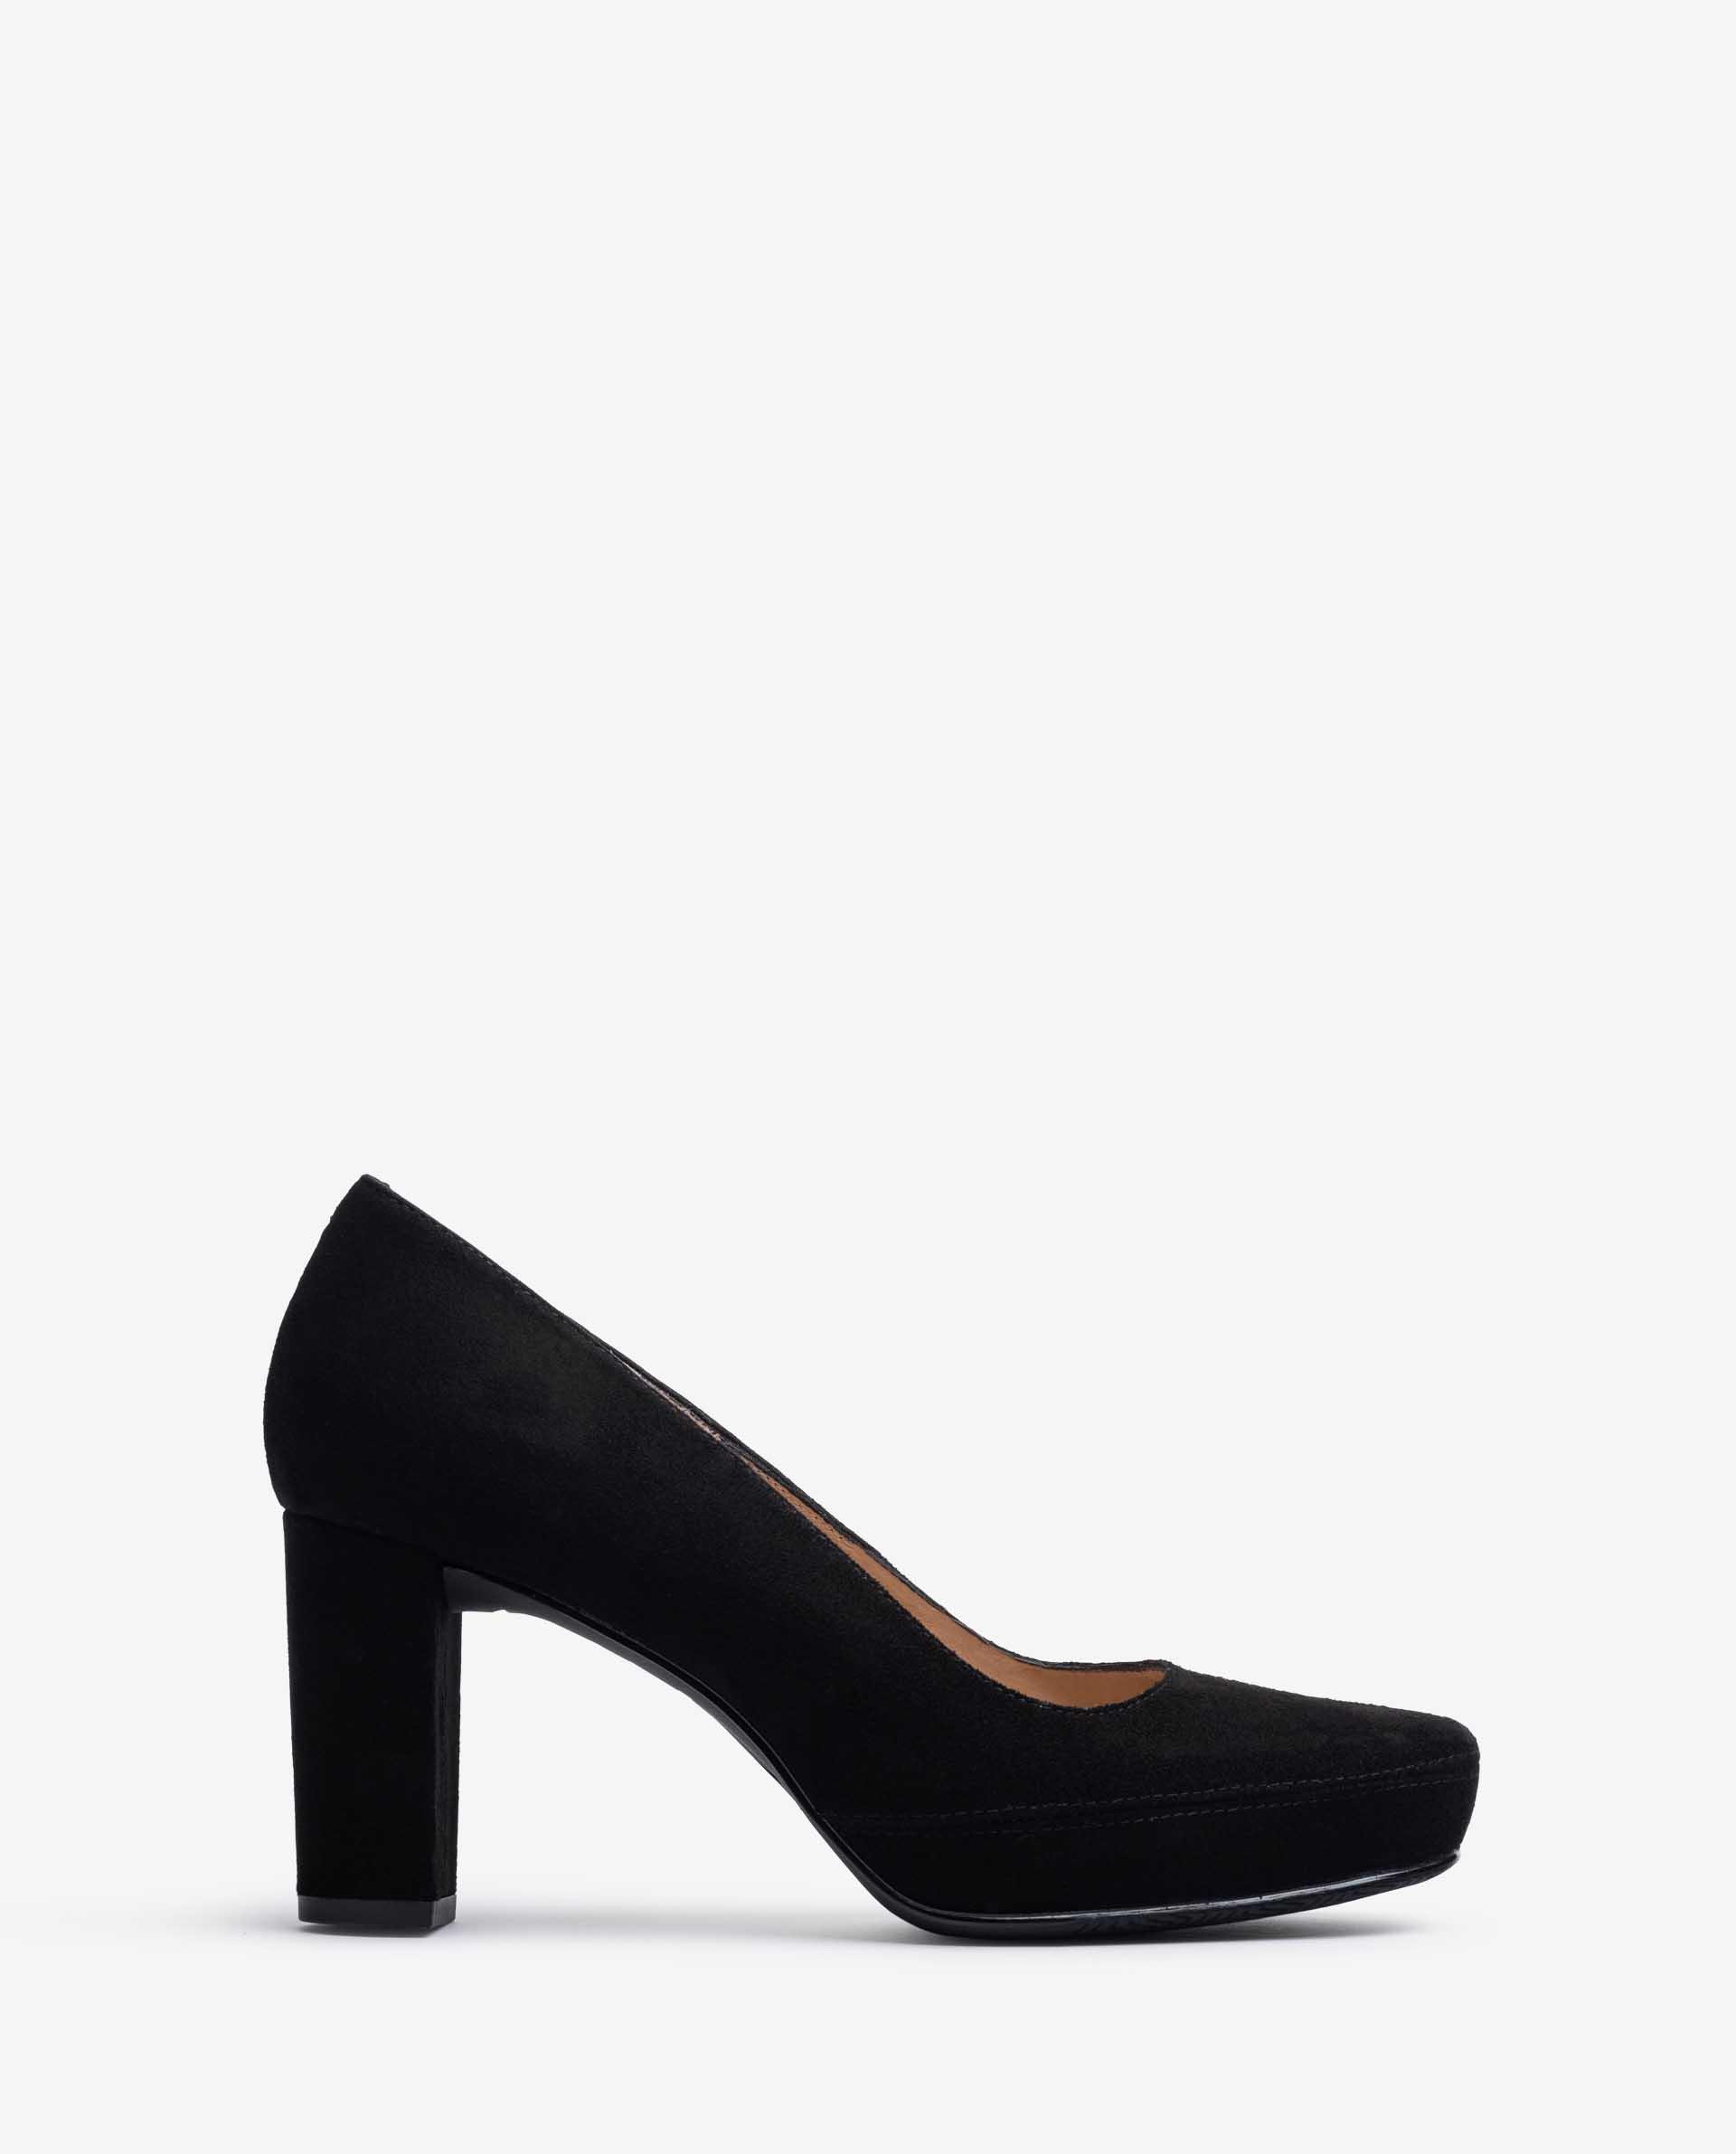 Unisa Zapatos de salón NARCY_KS black